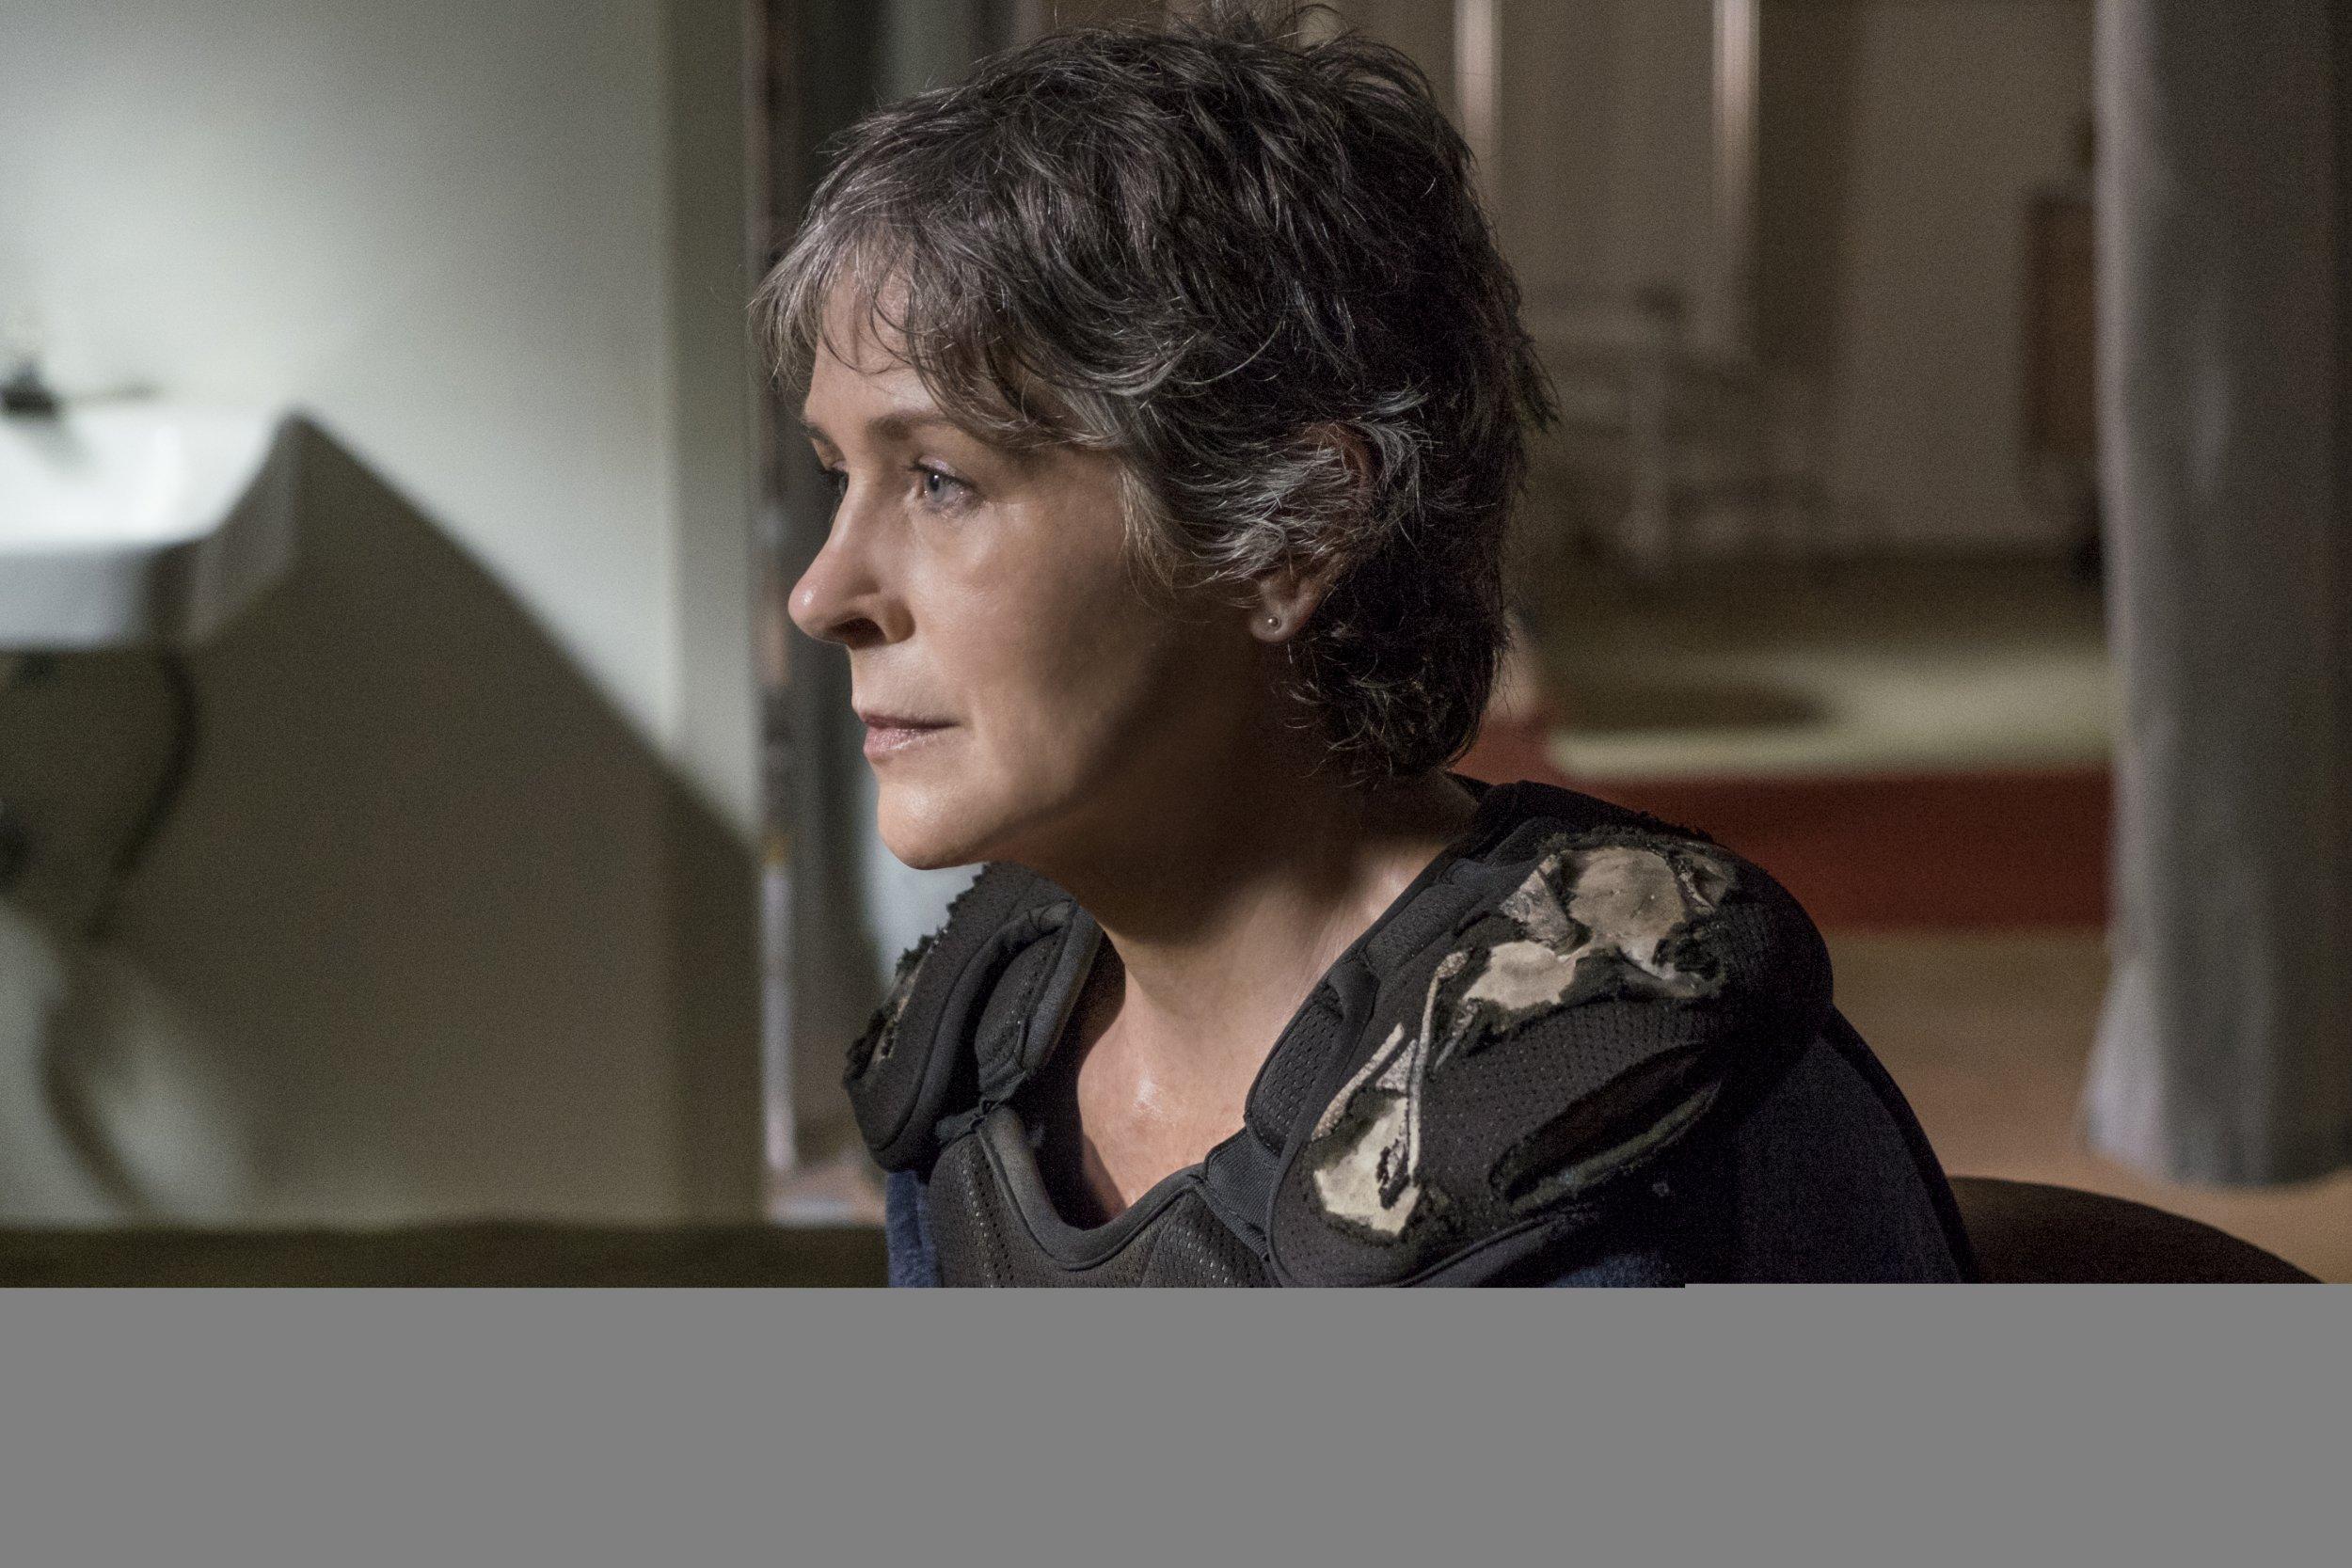 The Walking Dead Season 8 Episode 13 Spoilers Reveal